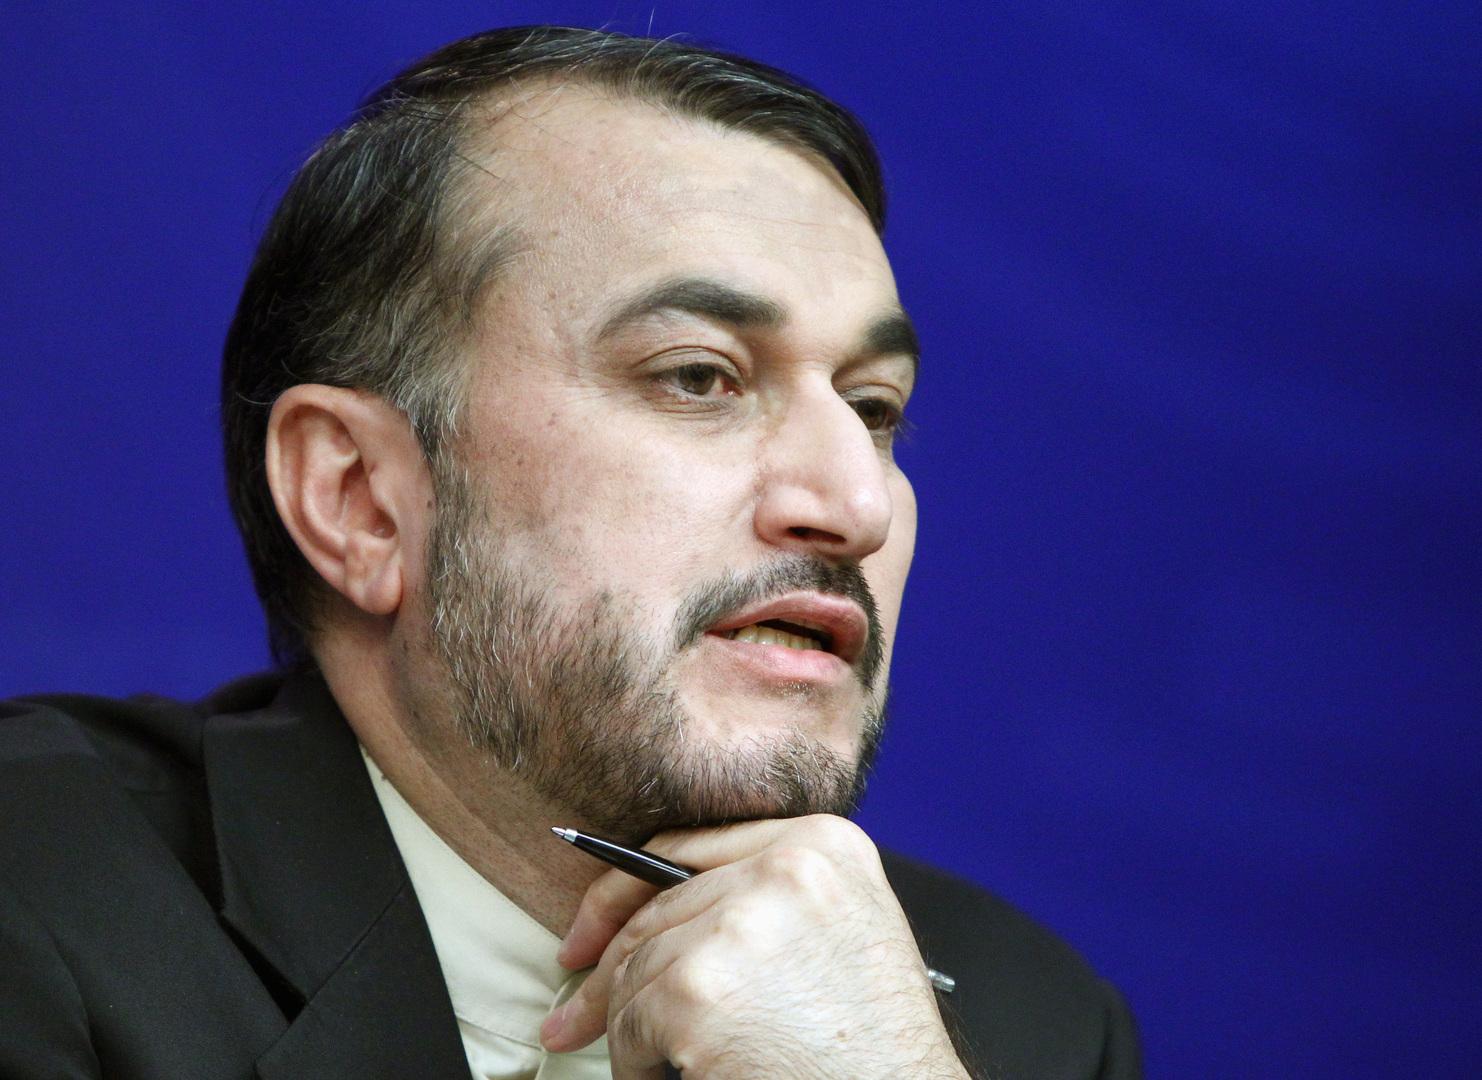 عبد اللهيان: الدبلوماسية الدفاعية جزء لا يتجزأ من سياسة إيران الخارجية